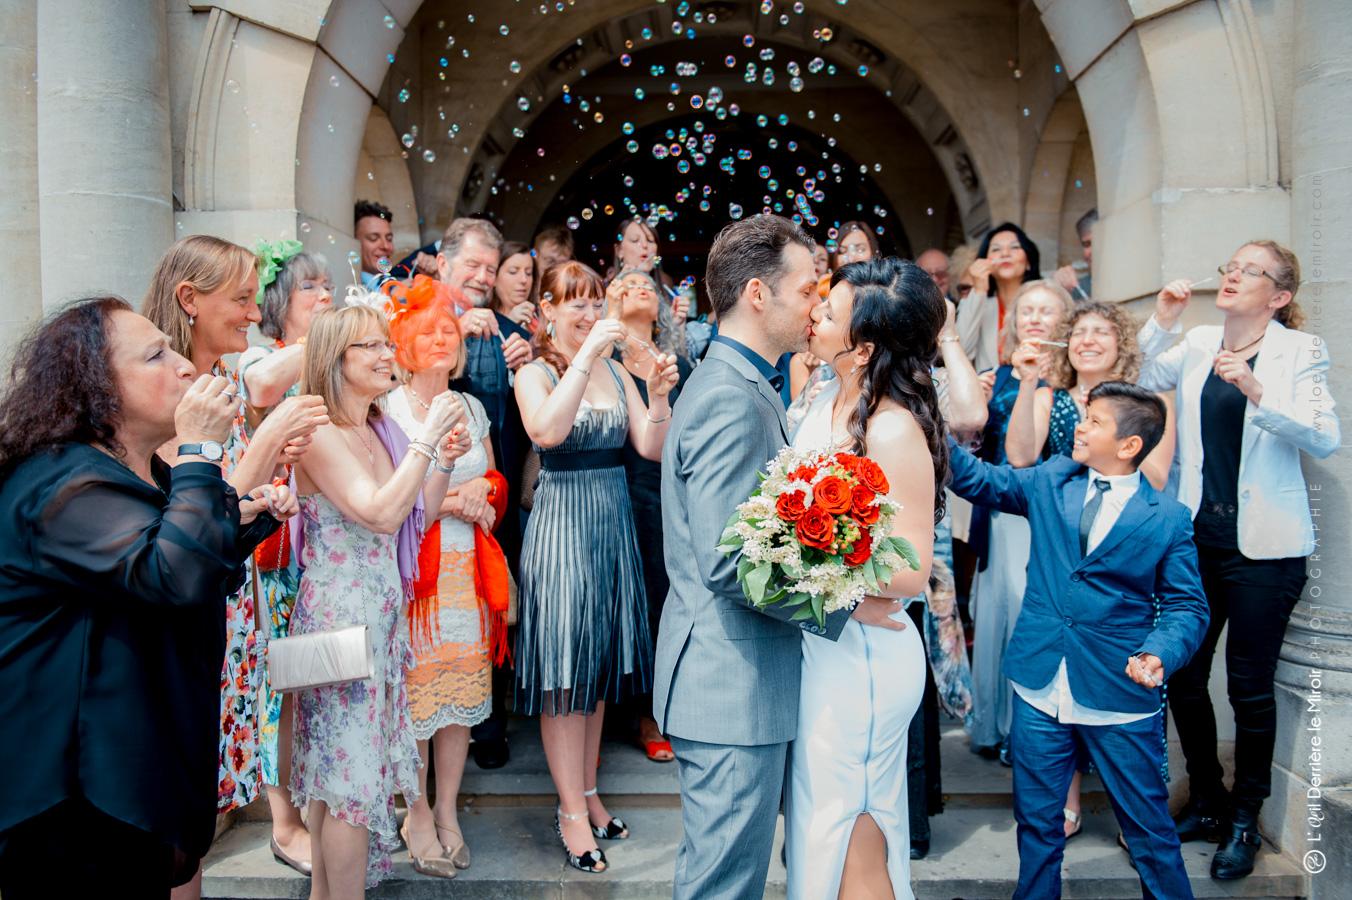 London wedding photographer L'OEil Derriere le Miroir